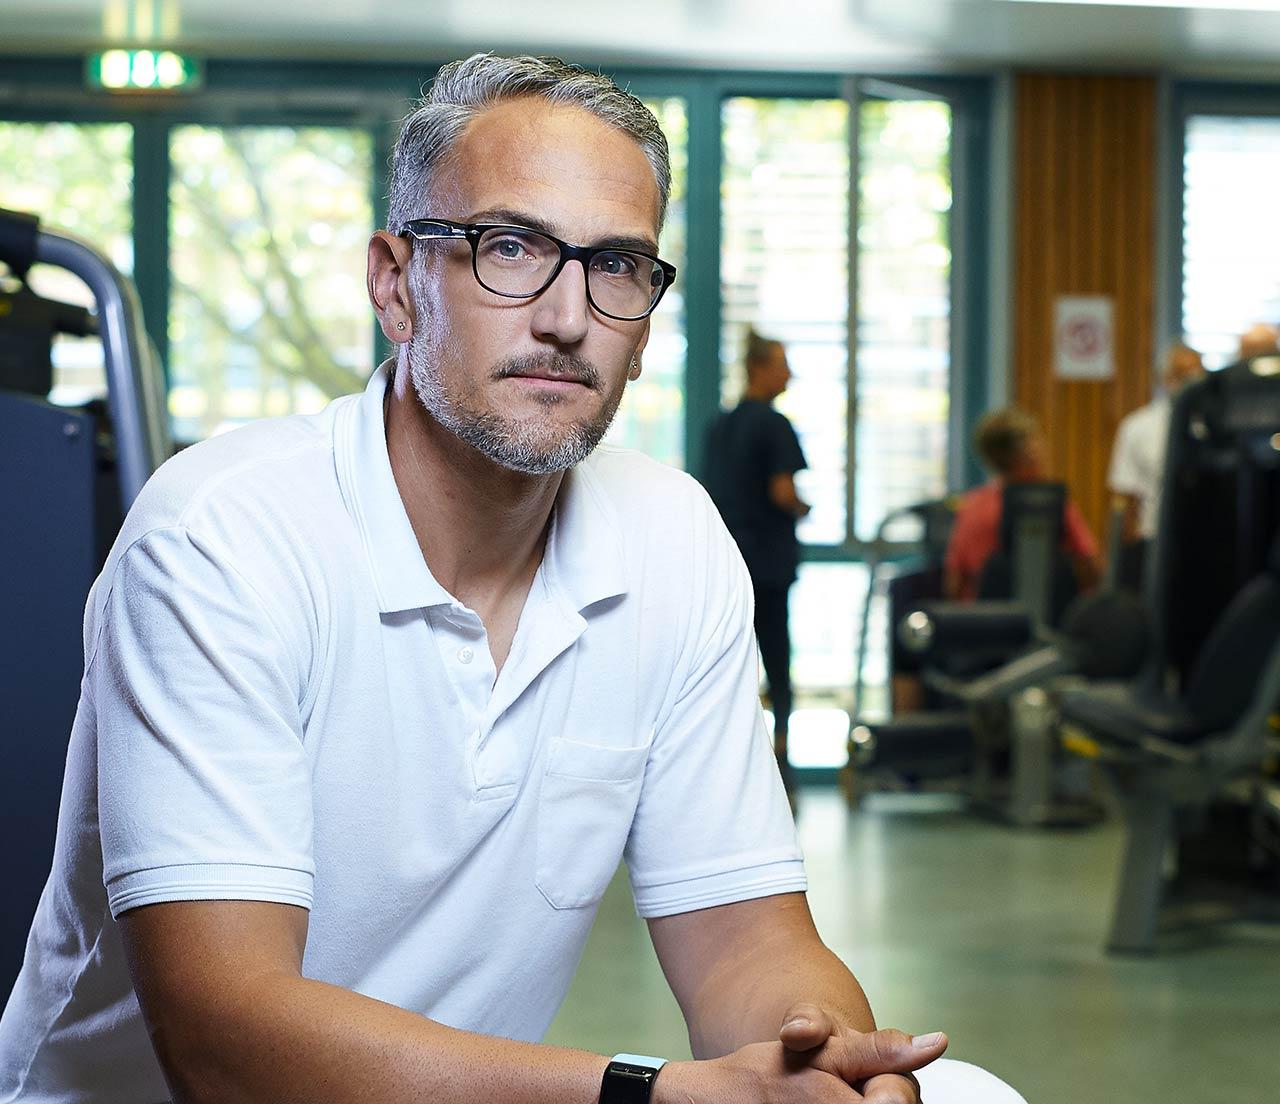 Aufnahme eines Mitarbeiters in einem Raum voller Sportgeräte während er über einen bewegenden Moment seines Jobs erzählt